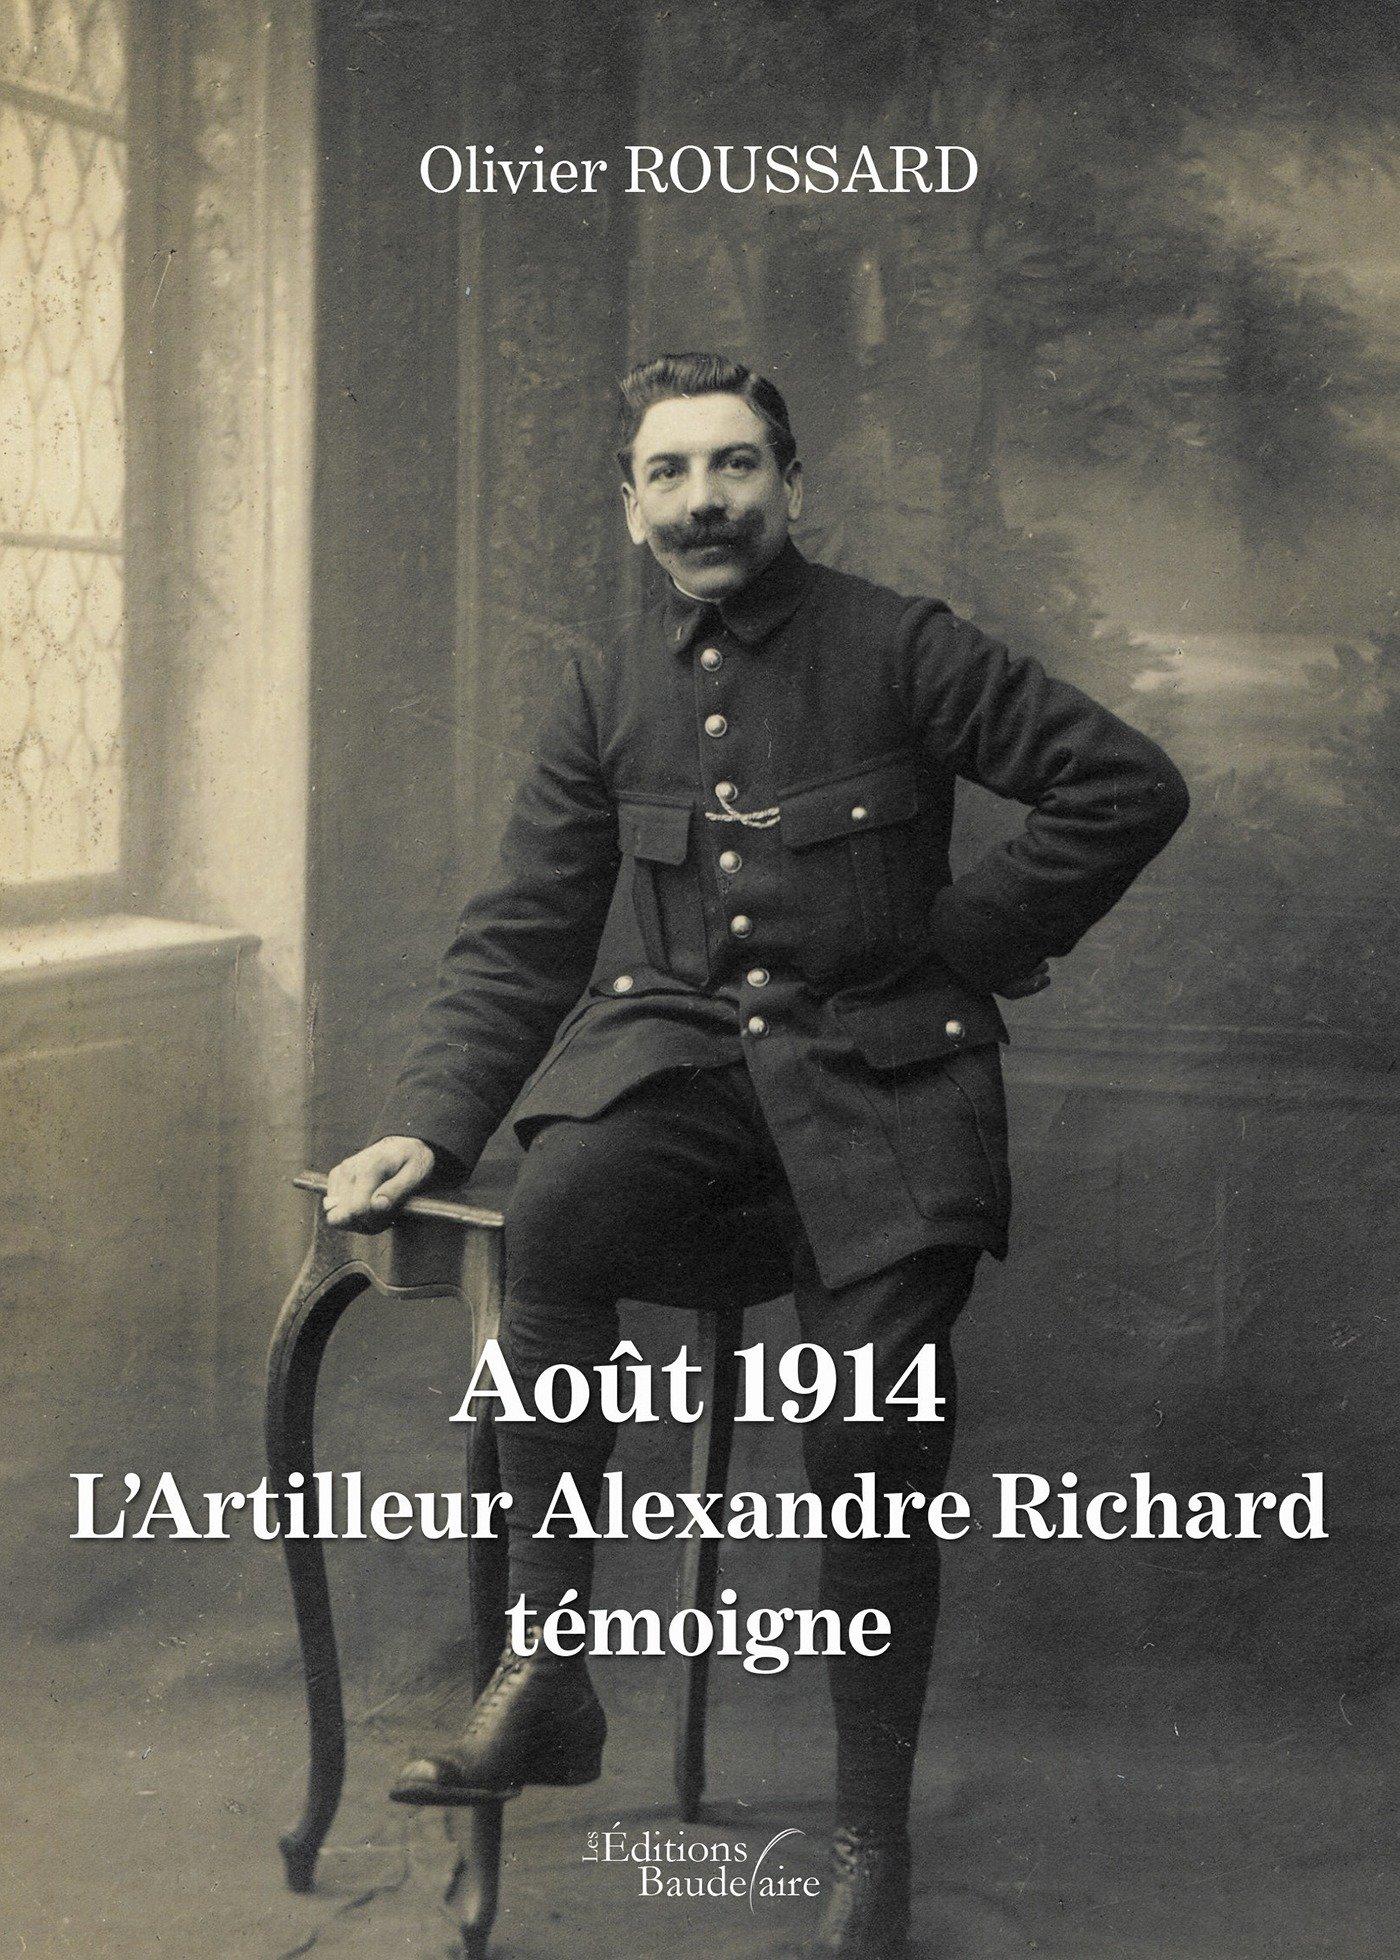 Août 1914 : L'Artilleur Alexandre Richard témoigne (BAU.BAUDELAIRE)